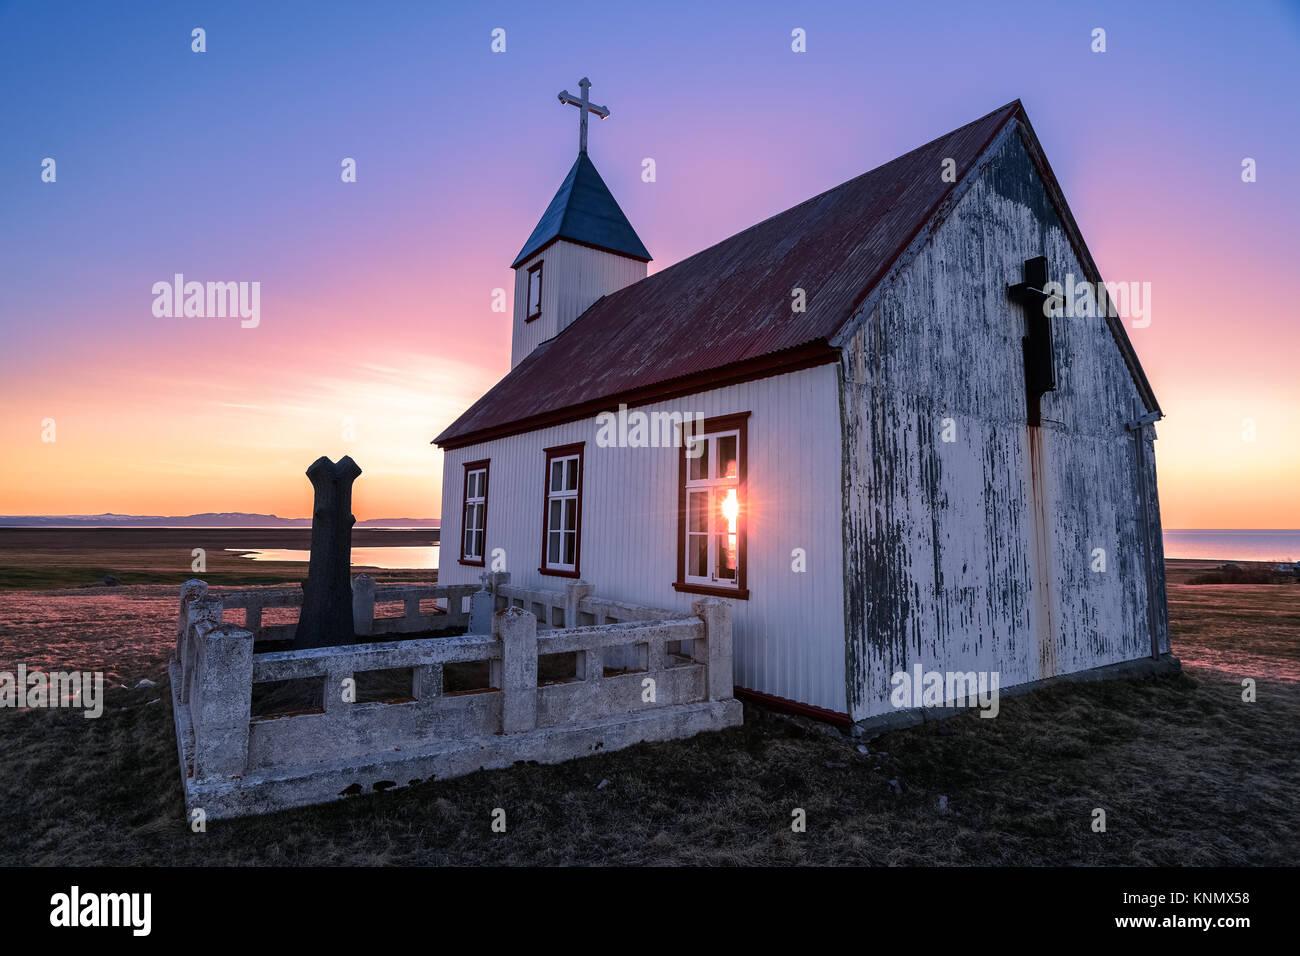 Sonne scheint durch die Kirche bei Sonnenuntergang in Island Stockbild